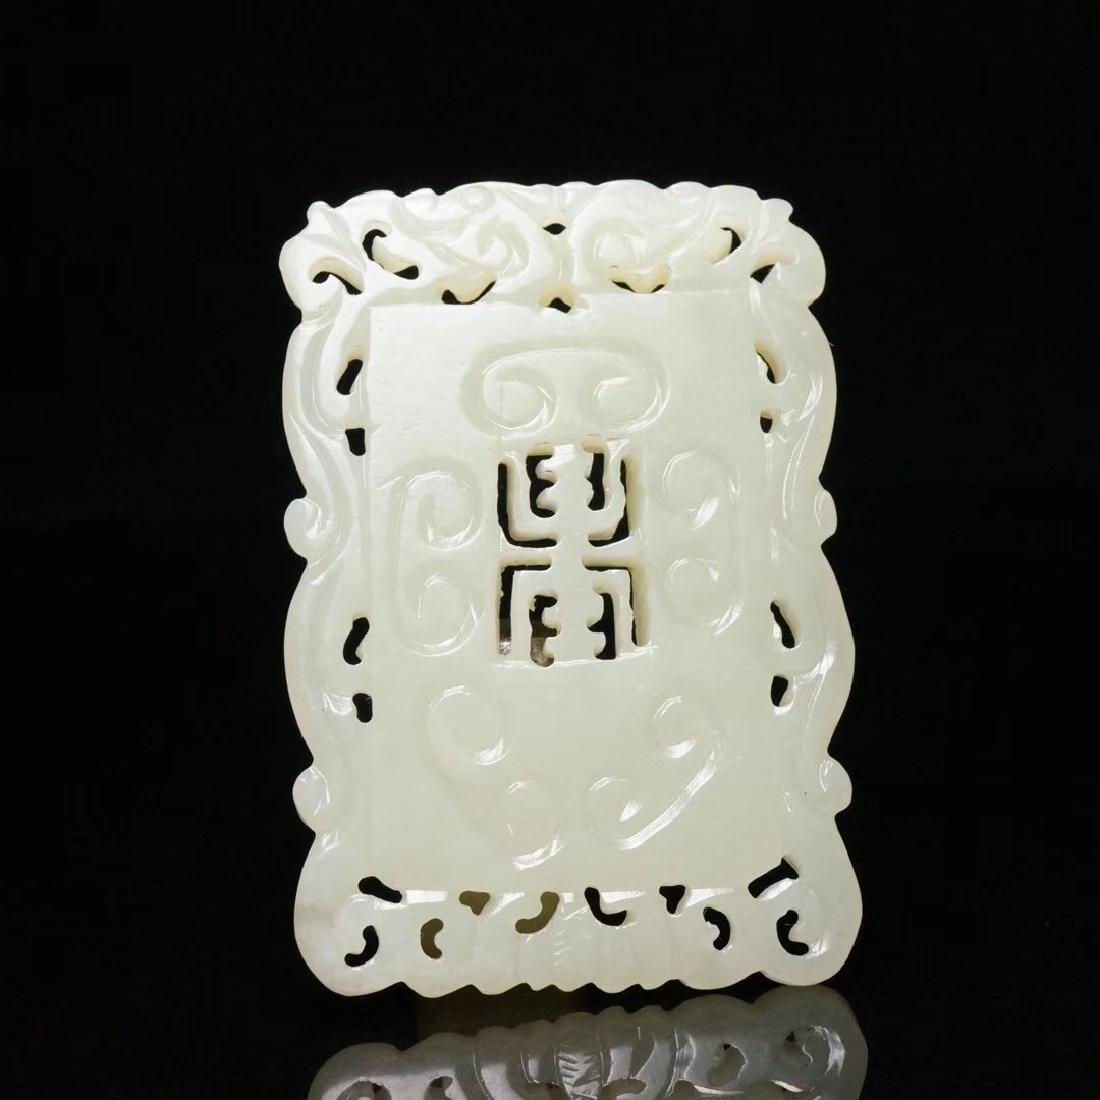 Chinese Hetian White Jade Pendant - 6